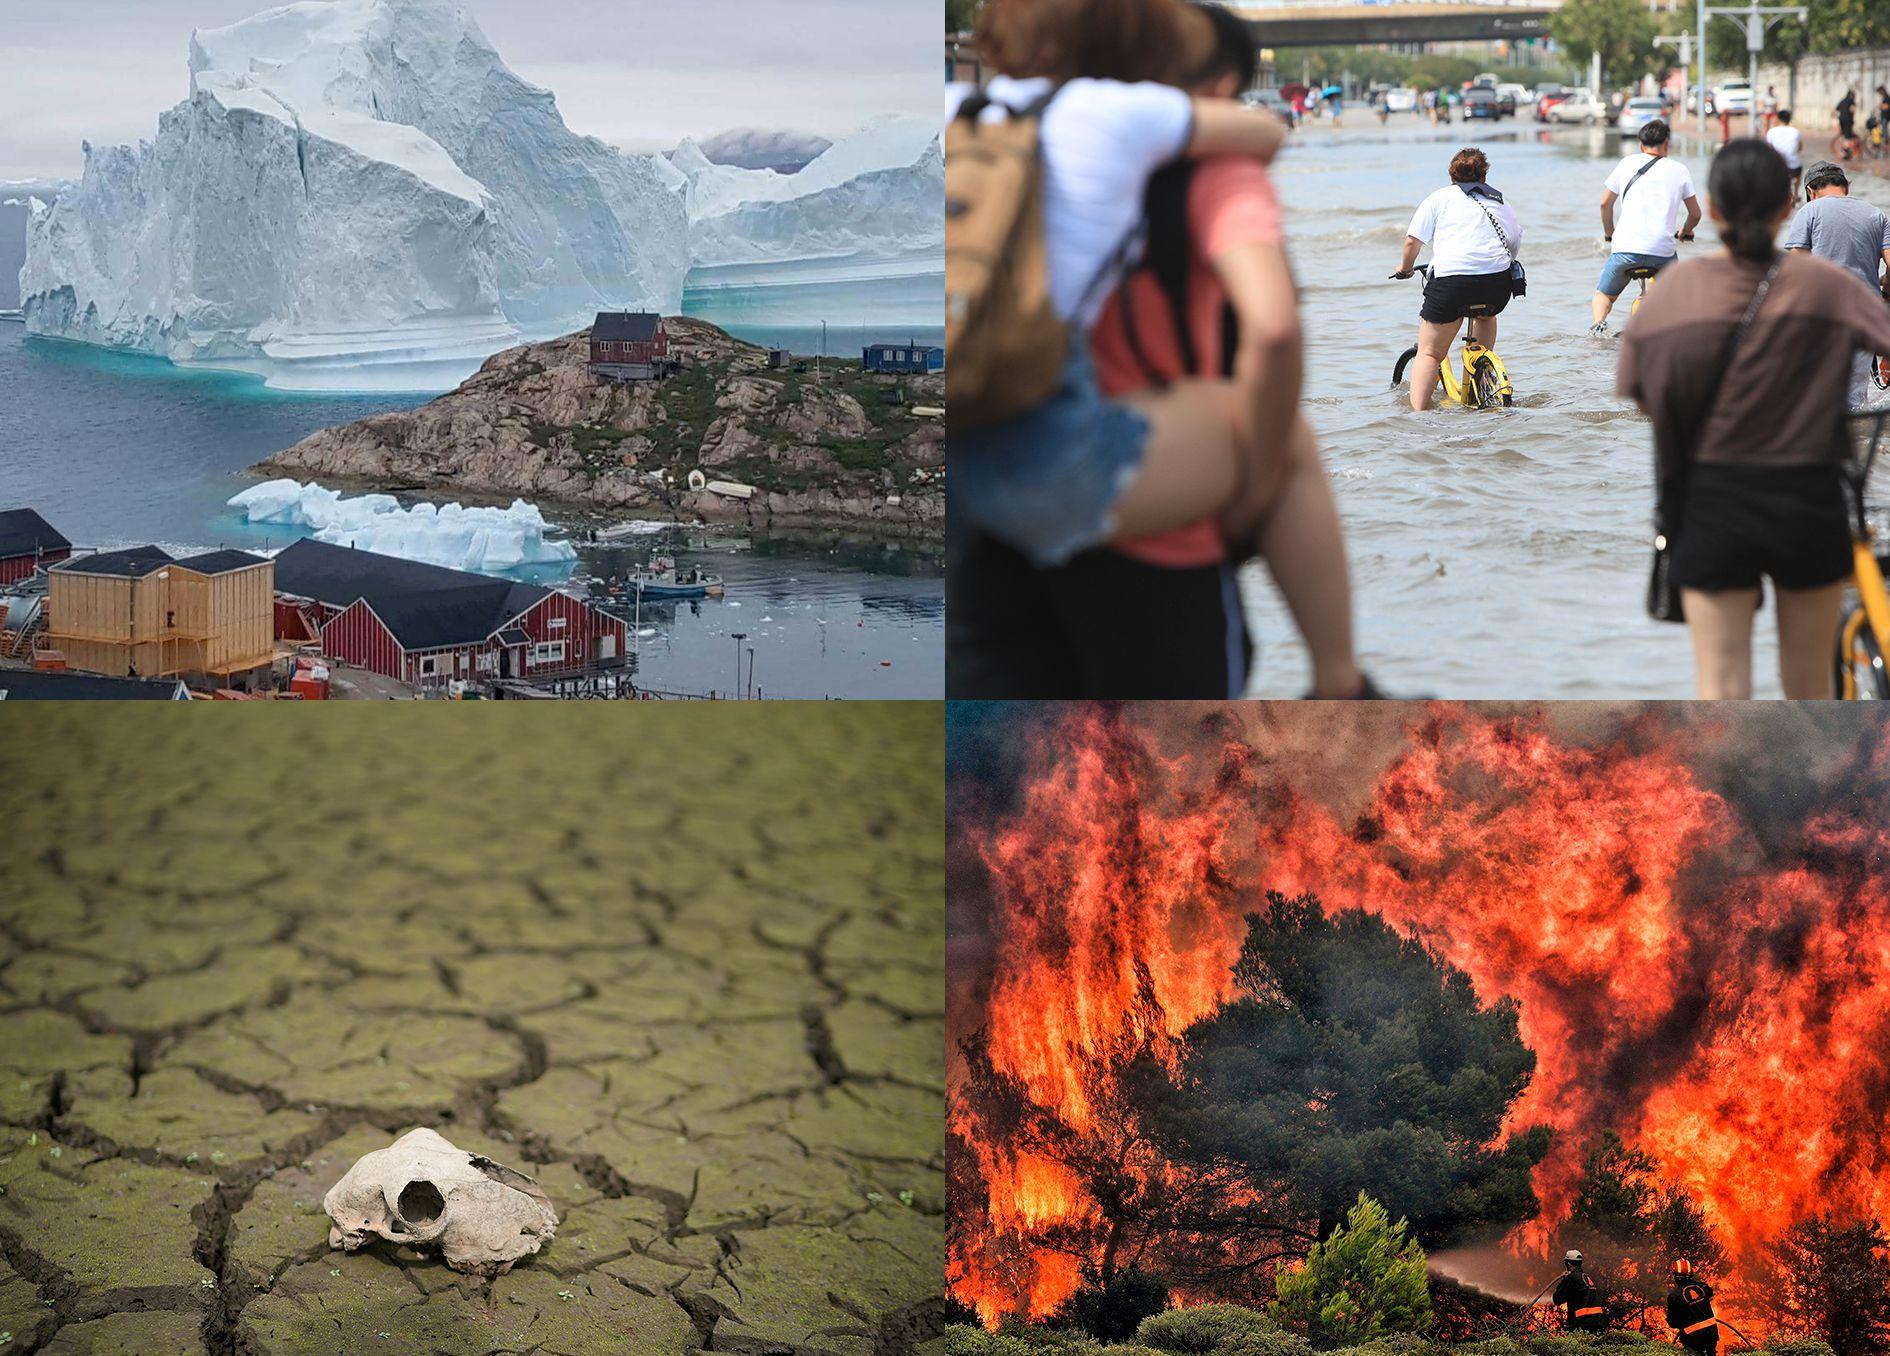 EKSTREMT: Samtlige bilder er fra Juli 2018: Øverst til venstre: Et enormt isfjell truet det lille samfunnet Innaarsuit på Grønland. Øverst til høyre: Innbyggerne i Tianjin i Kina sykler i vann etter at en tyfon førte til store oversvømmelser.  Nederst til venstre:  En massiv tørke traff England etter en intens hetebølge. Nederst til høyre: Skogbranner herjer i deler av Europa, her fra katastrofen i Hellas denne uken.